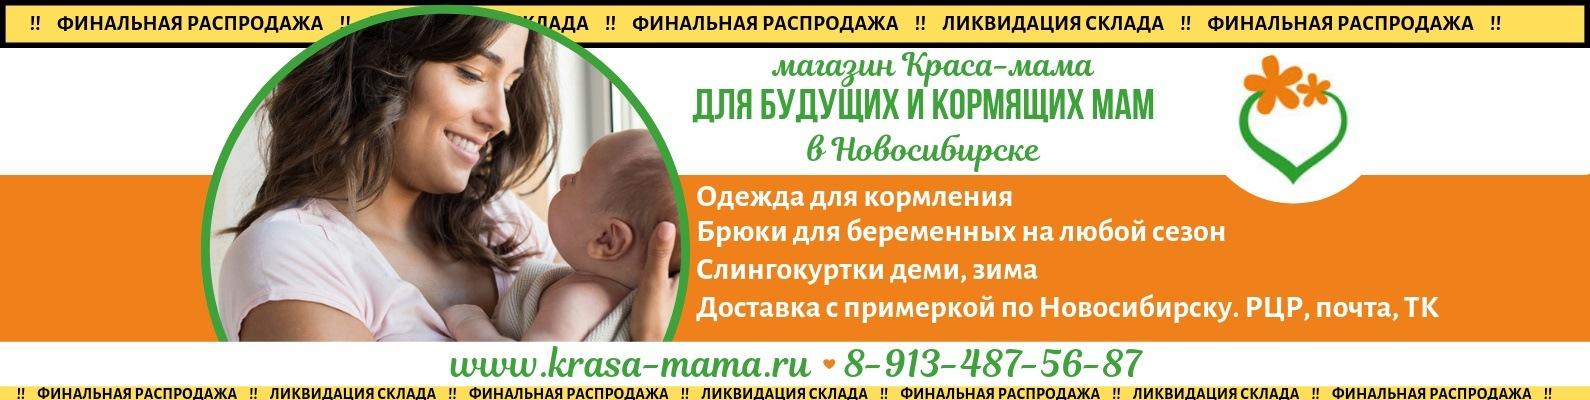 4638358fe97a КРАСА-МАМА Одежда и бельё для кормления, слинги | ВКонтакте